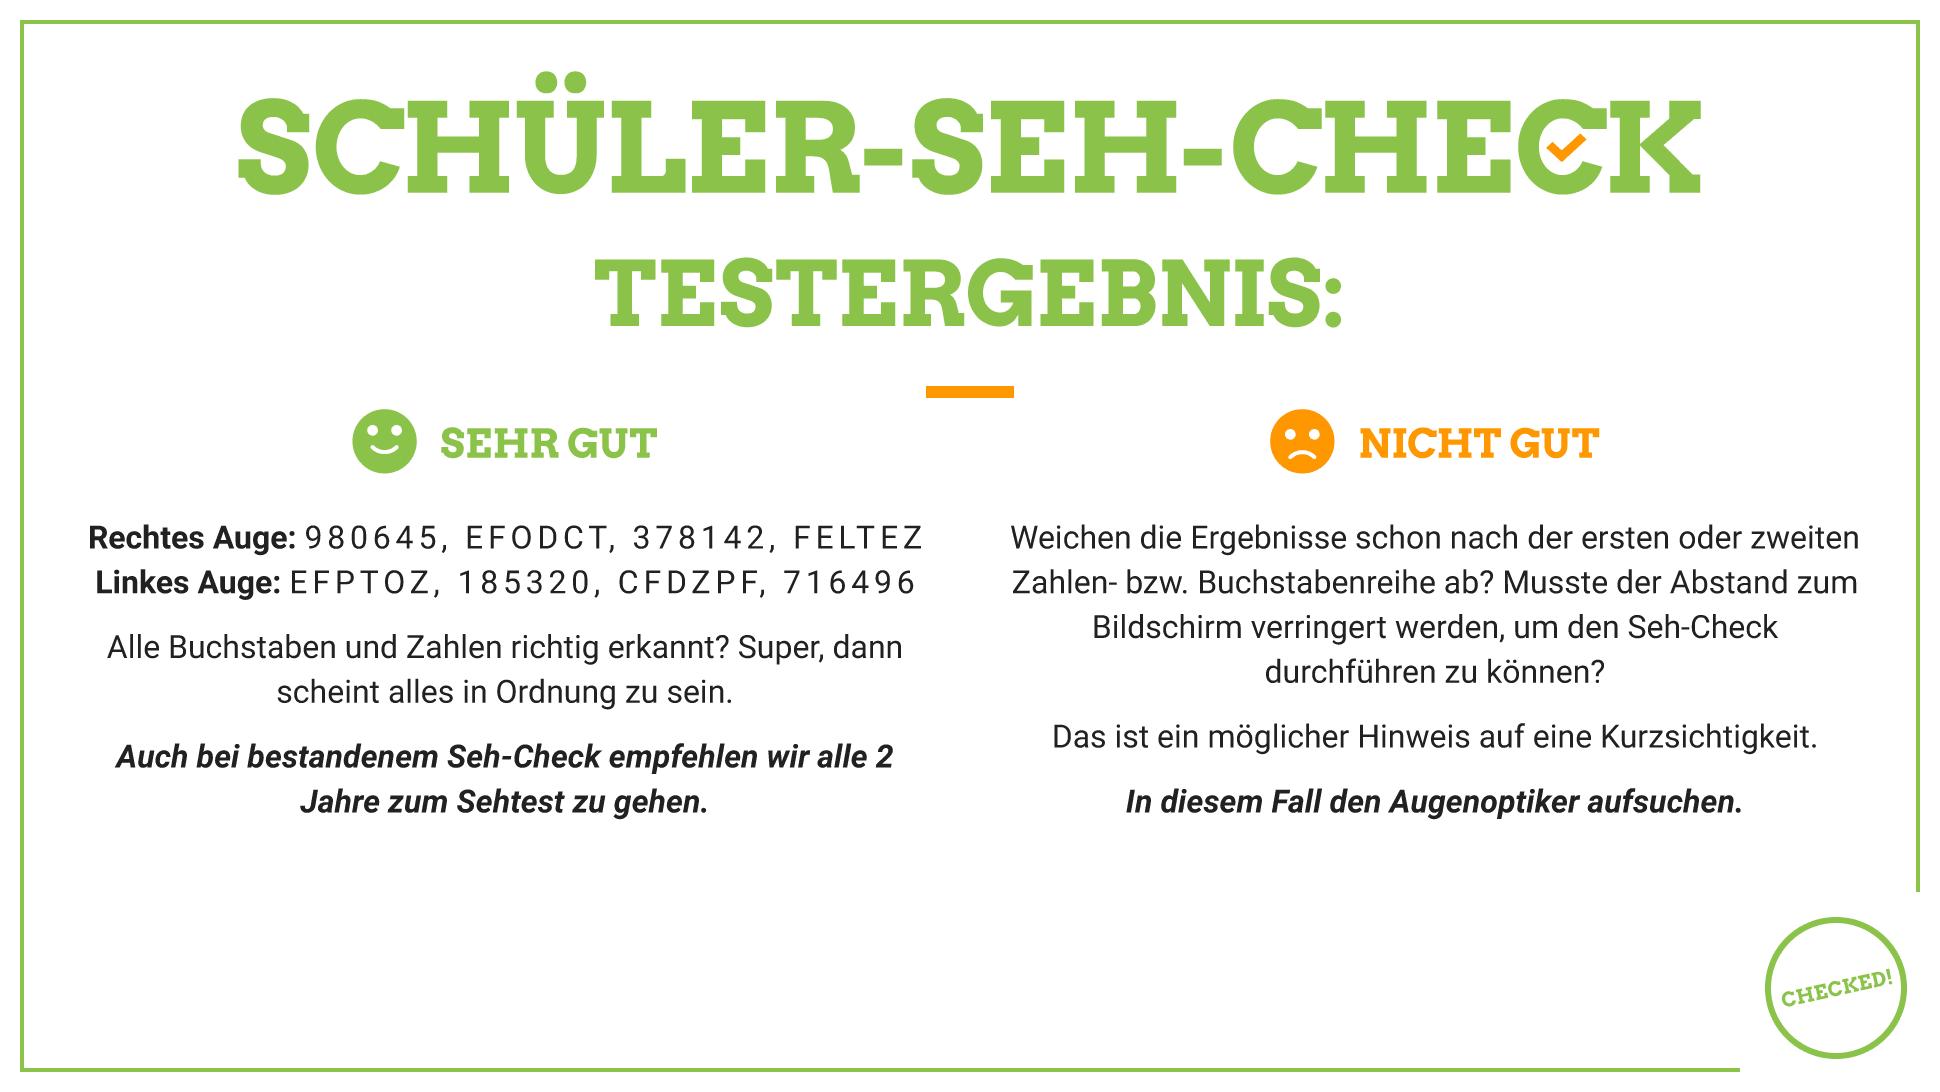 Schueler-Seh-Check 12